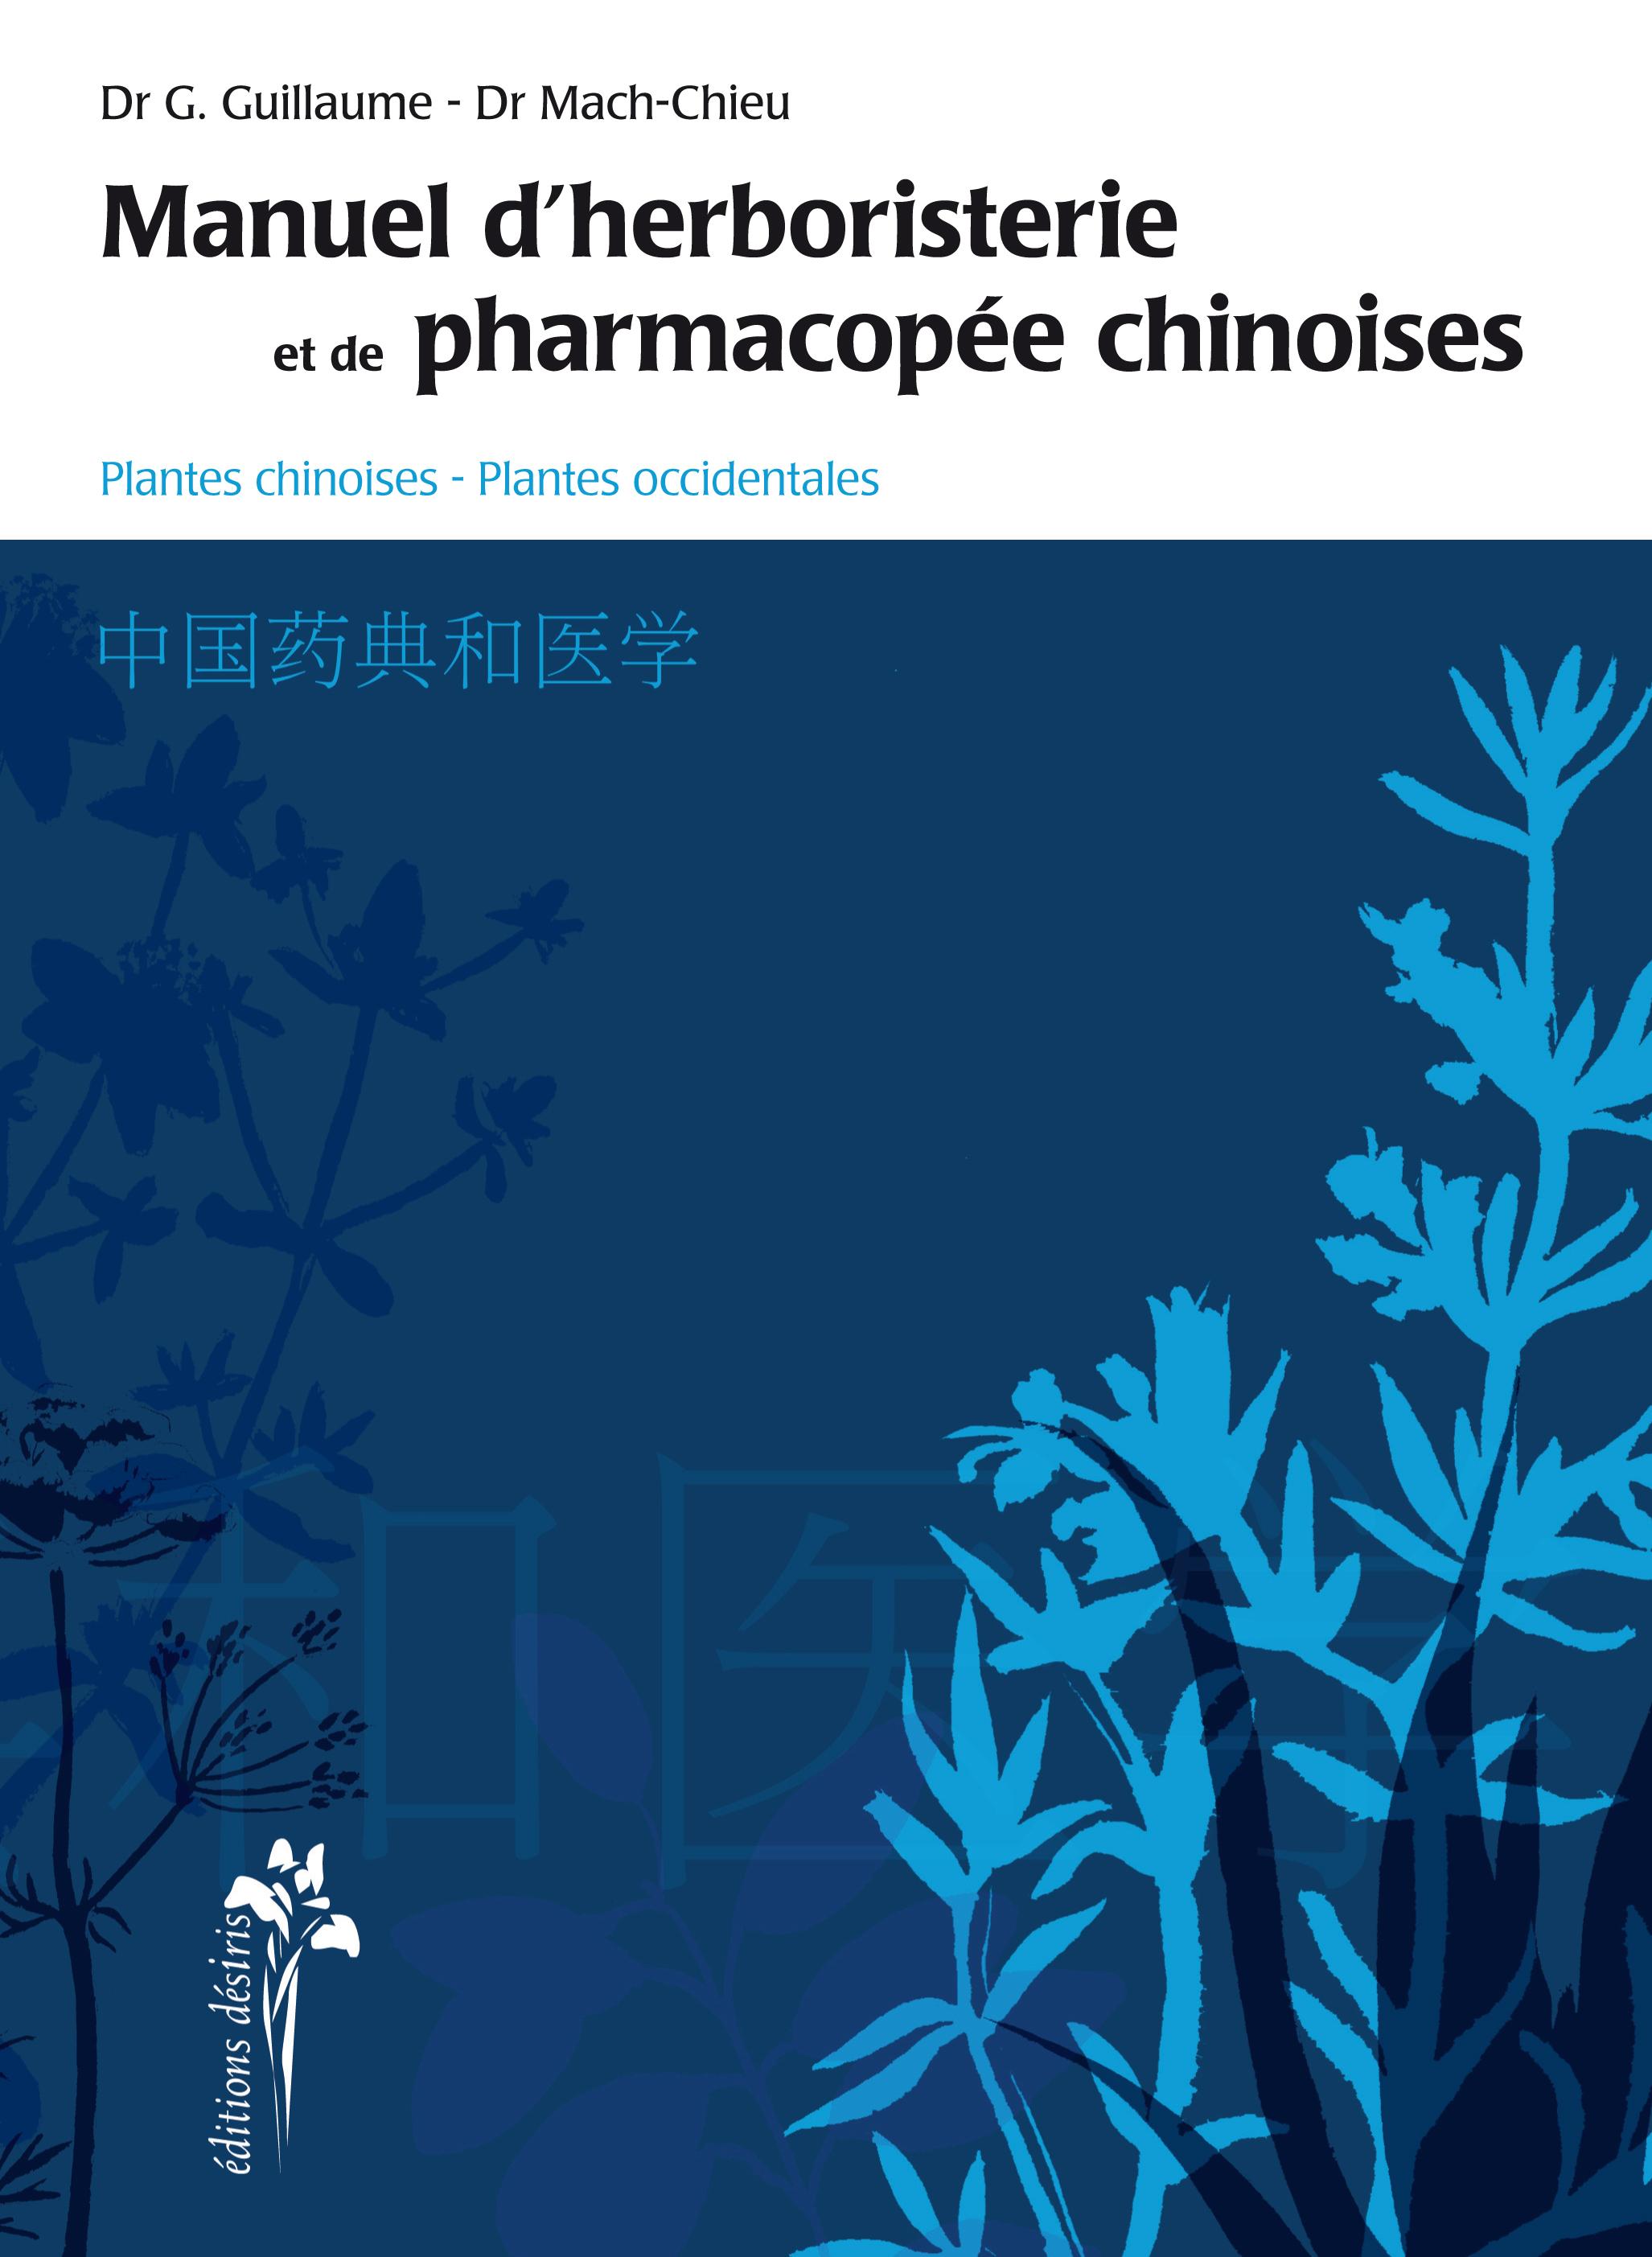 MANUEL D'HERBORISTERIE ET DE PHARMACOPEE CHINOISE